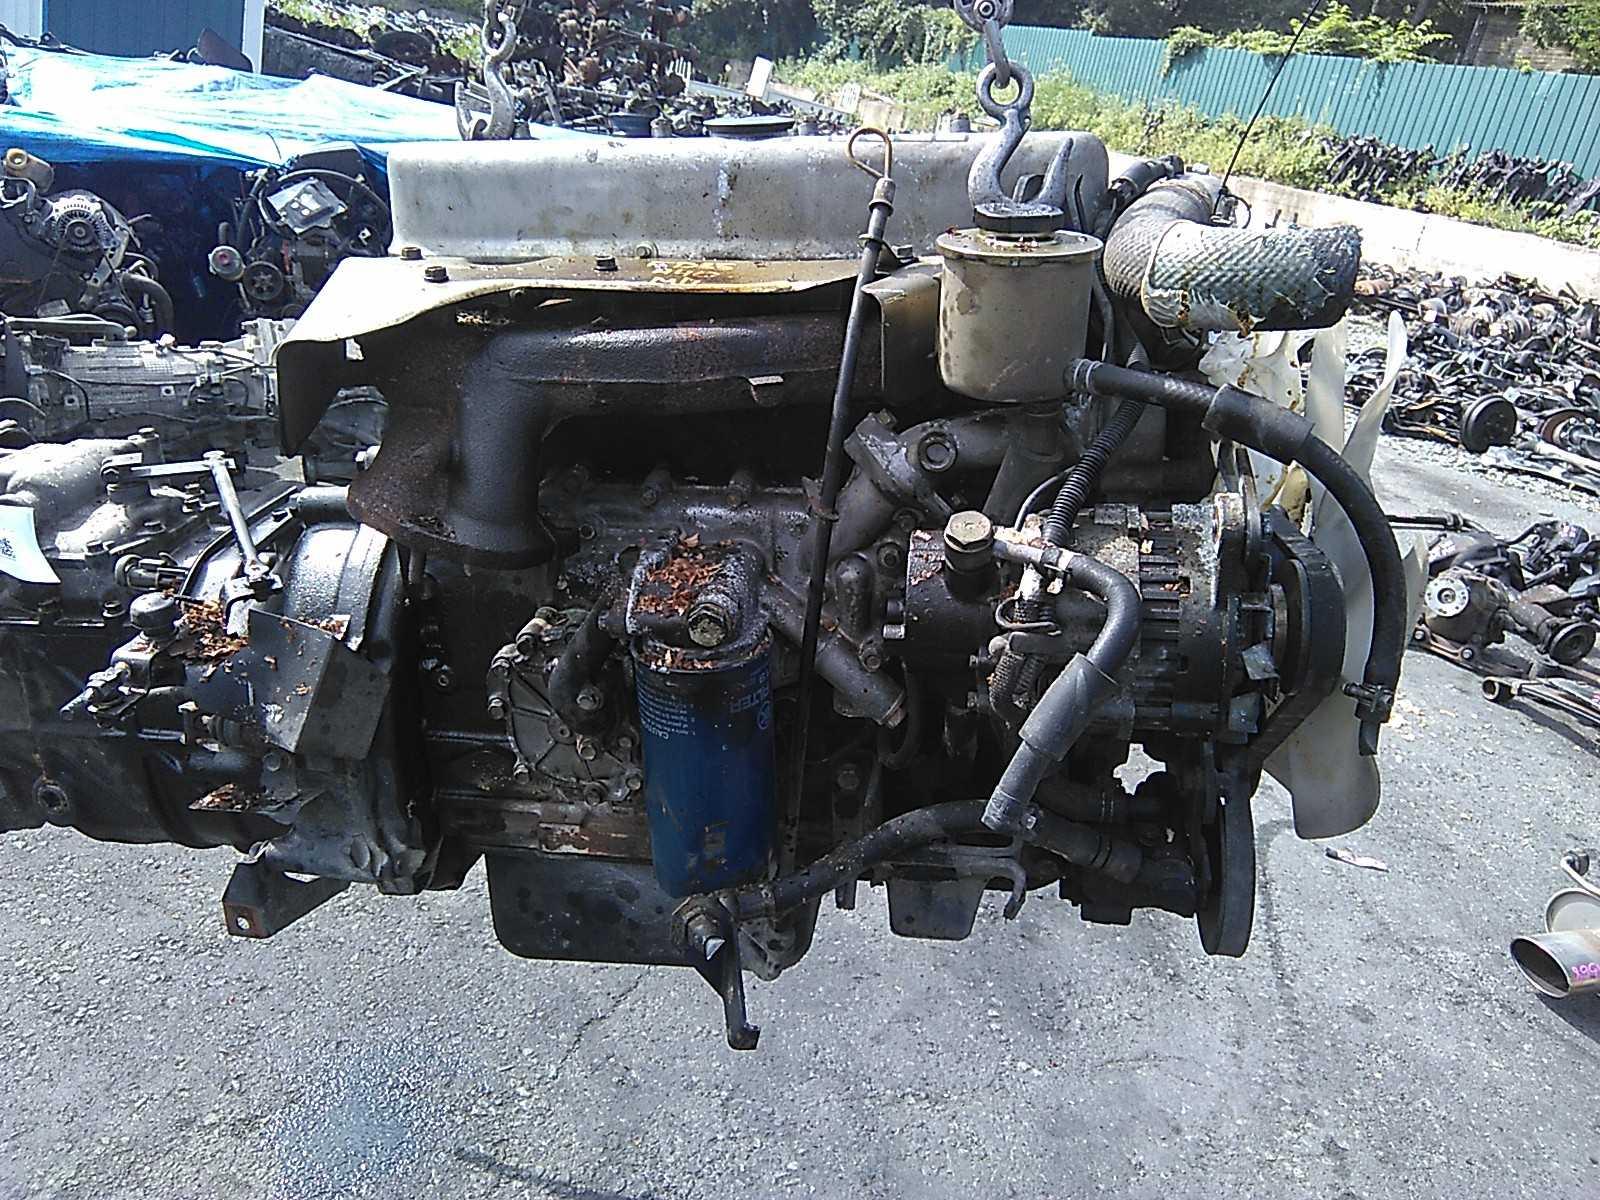 Nissan cabstar, atlas, atras, condor устройство, техническое обслуживание, ремонт